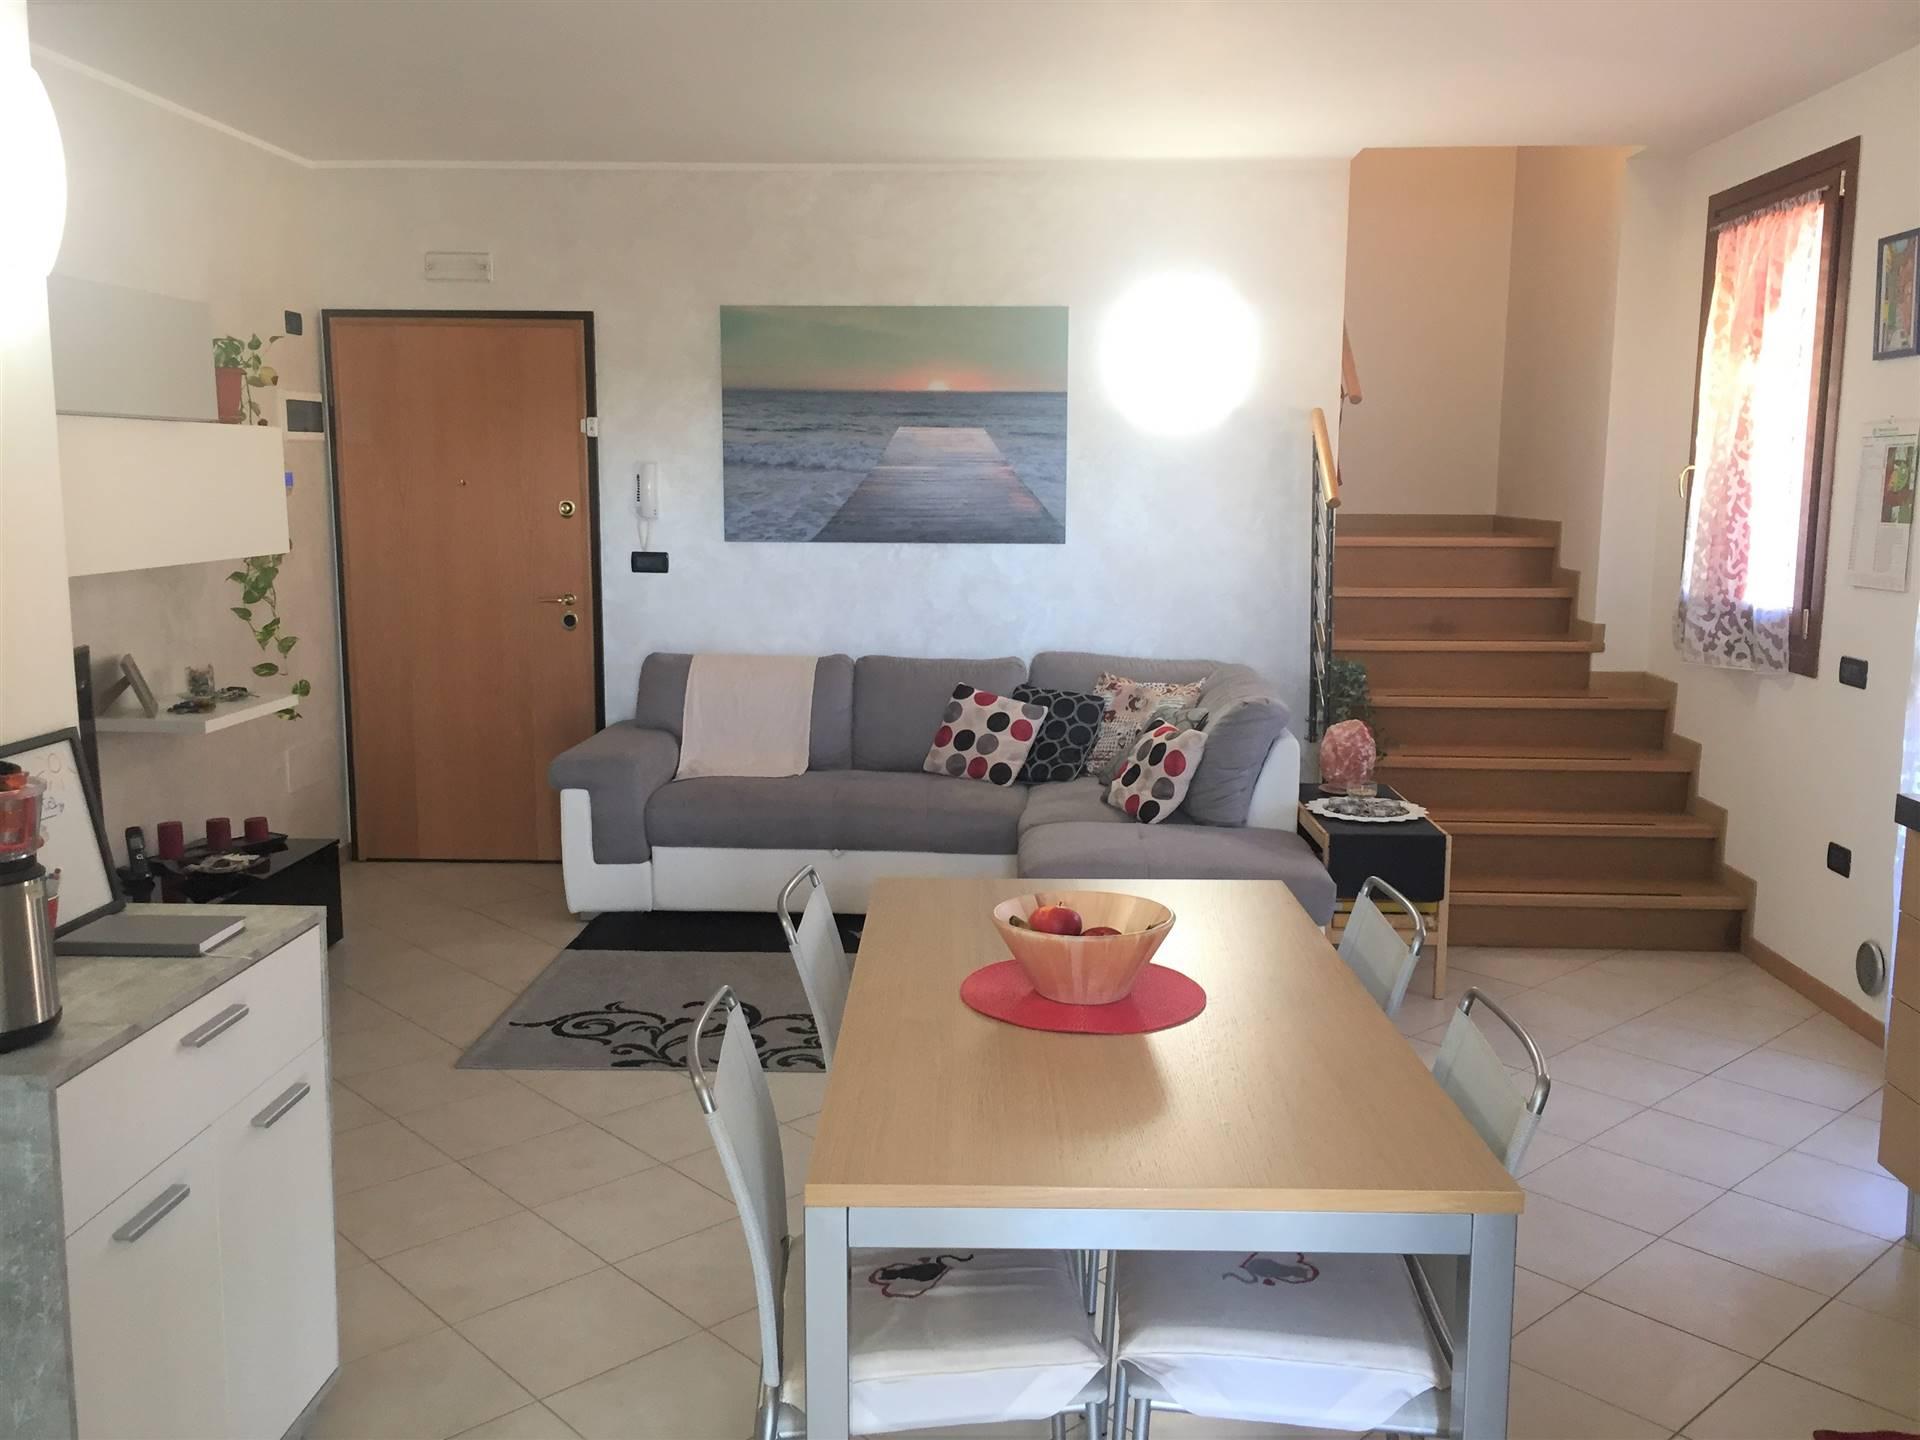 Appartamento in vendita a Martellago, 5 locali, zona ne, prezzo € 139.000 | PortaleAgenzieImmobiliari.it